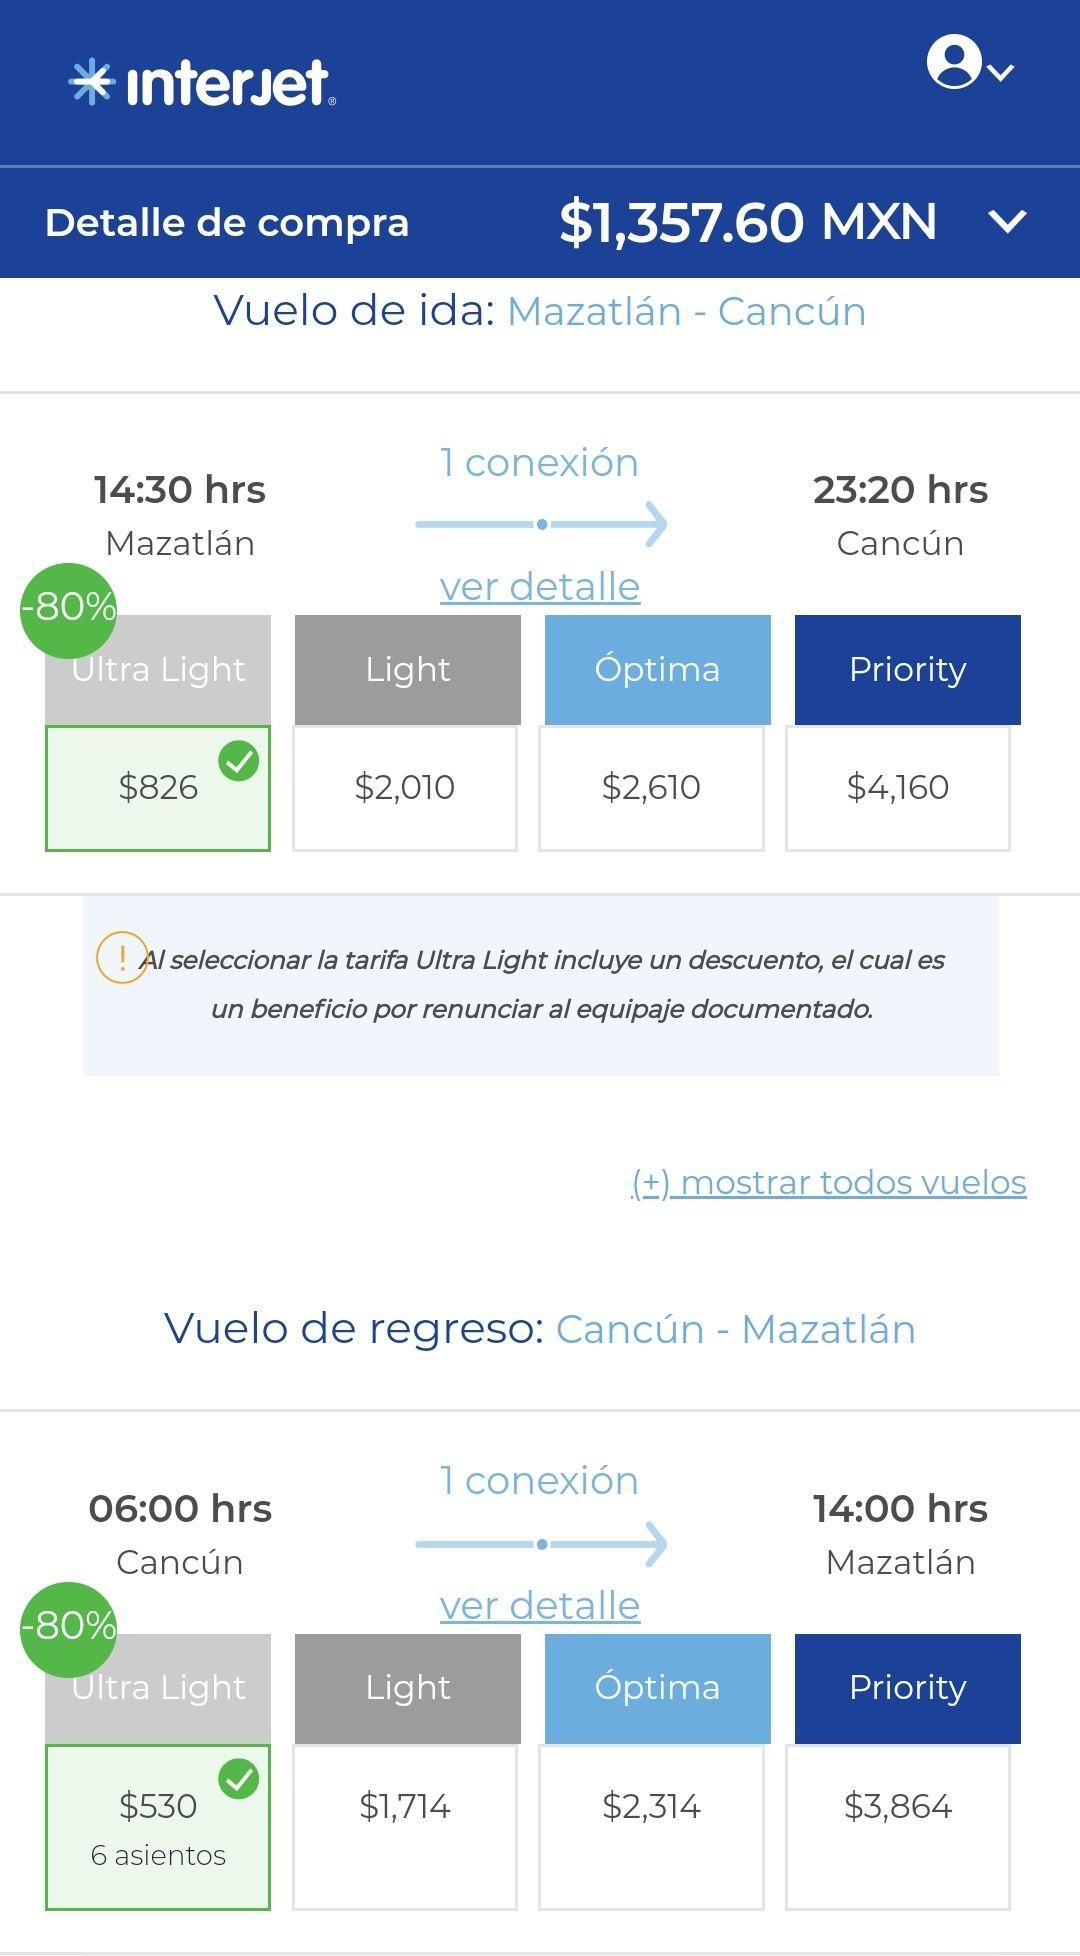 Interjet Vuelo redondo Mazatlán - Cancún